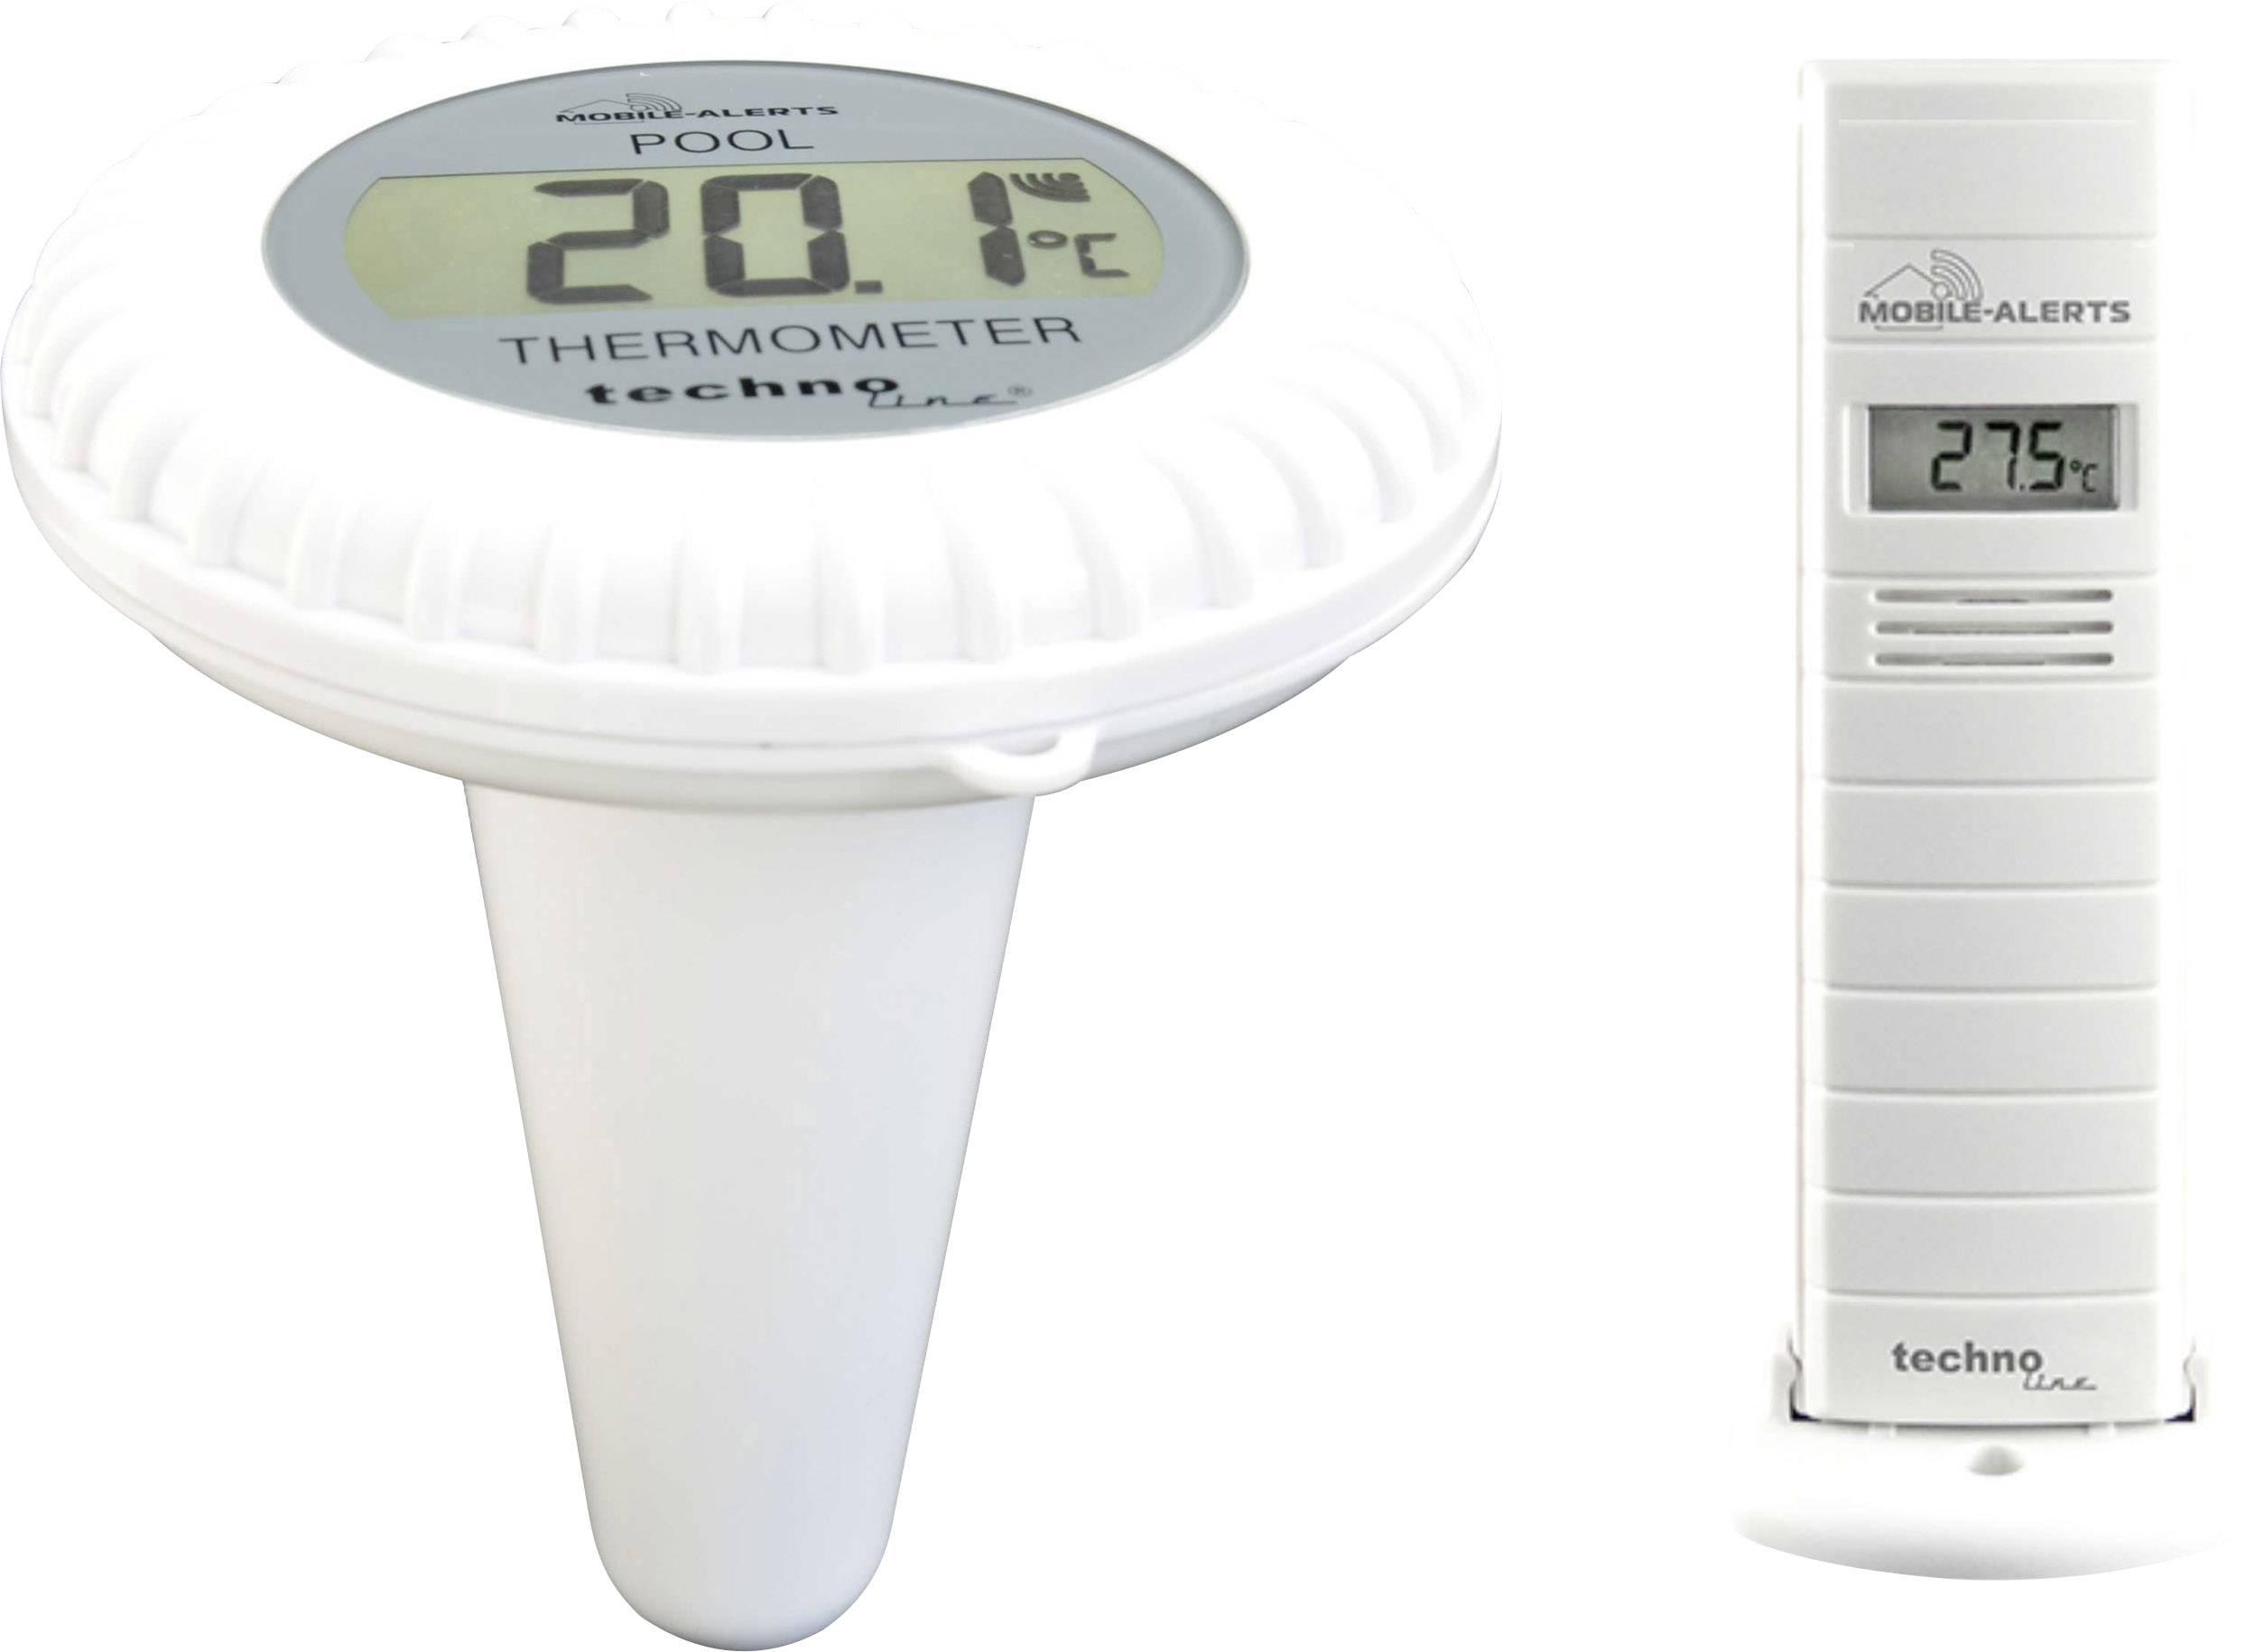 Teplotný / vlhkostný senzor do bazénu Techno Line Mobile Alerts MA 10700